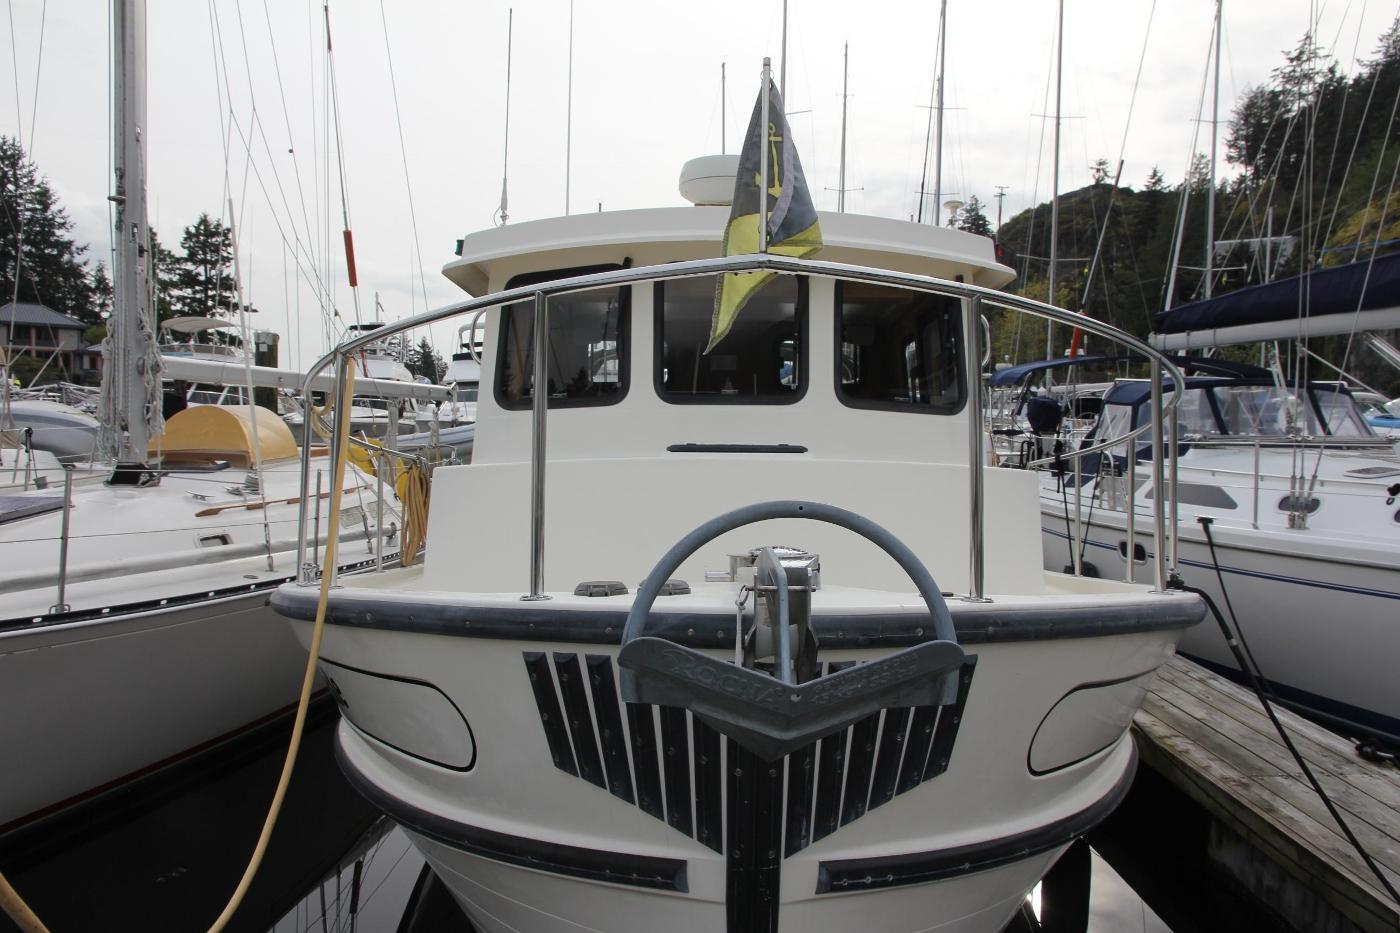 2001 Nordic Tugs 32 Pilothouse, Forward Profile